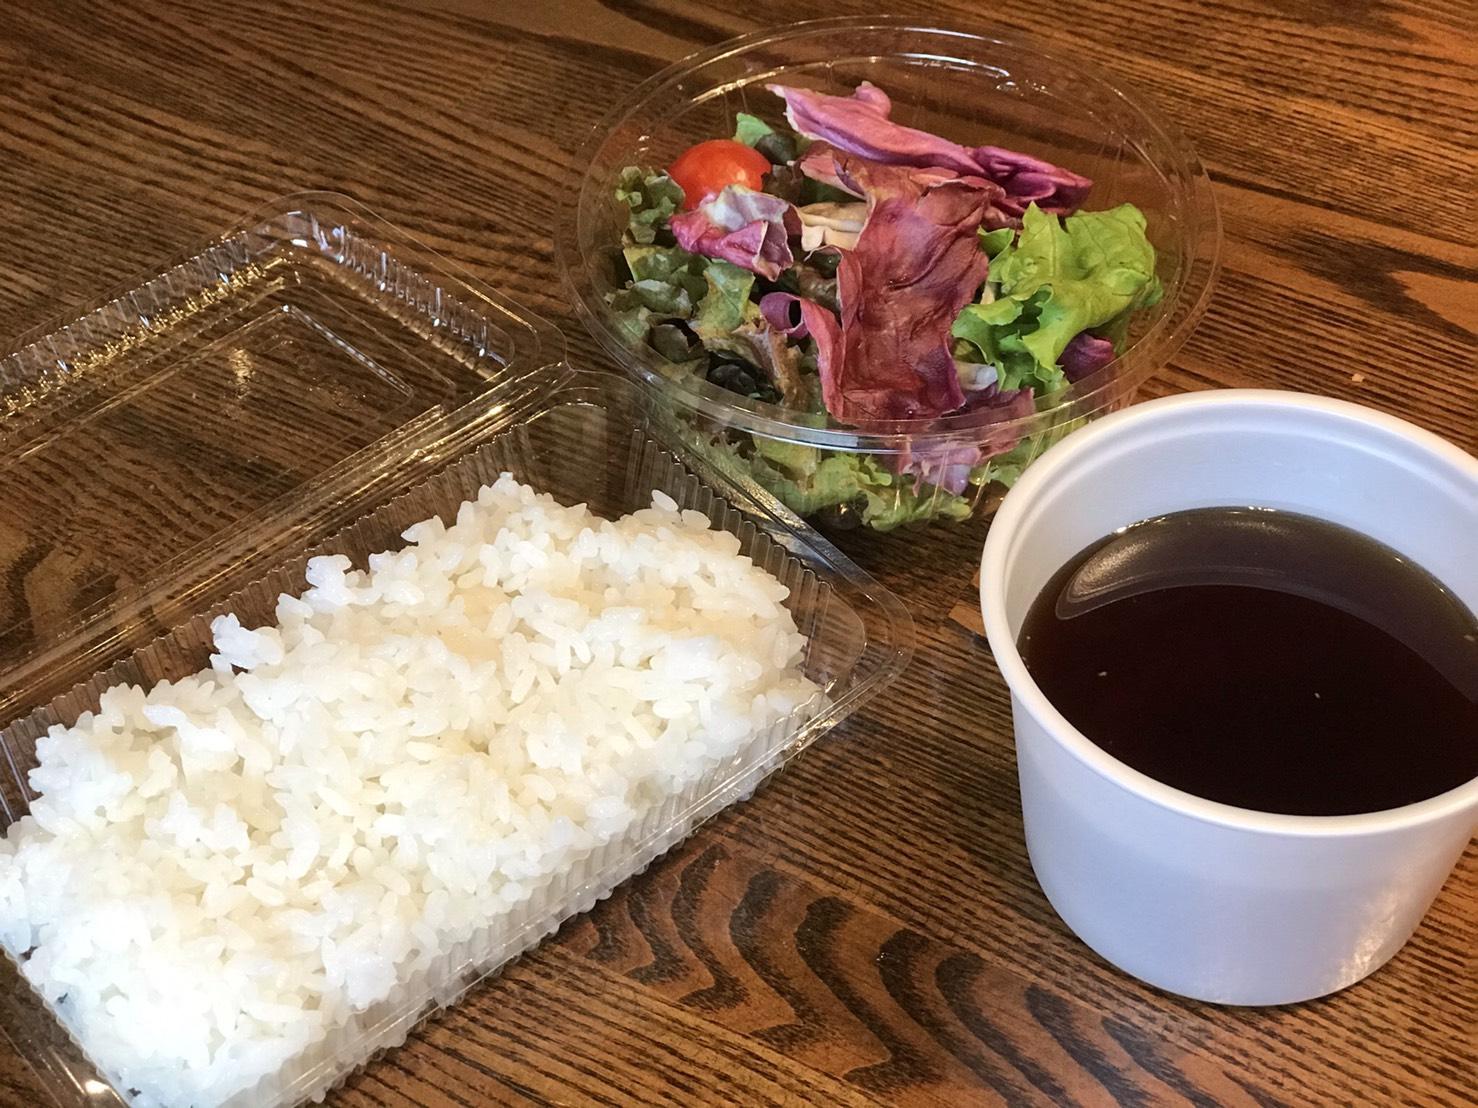 ごはんセット(ごはん200g・お味噌汁・サラダ)